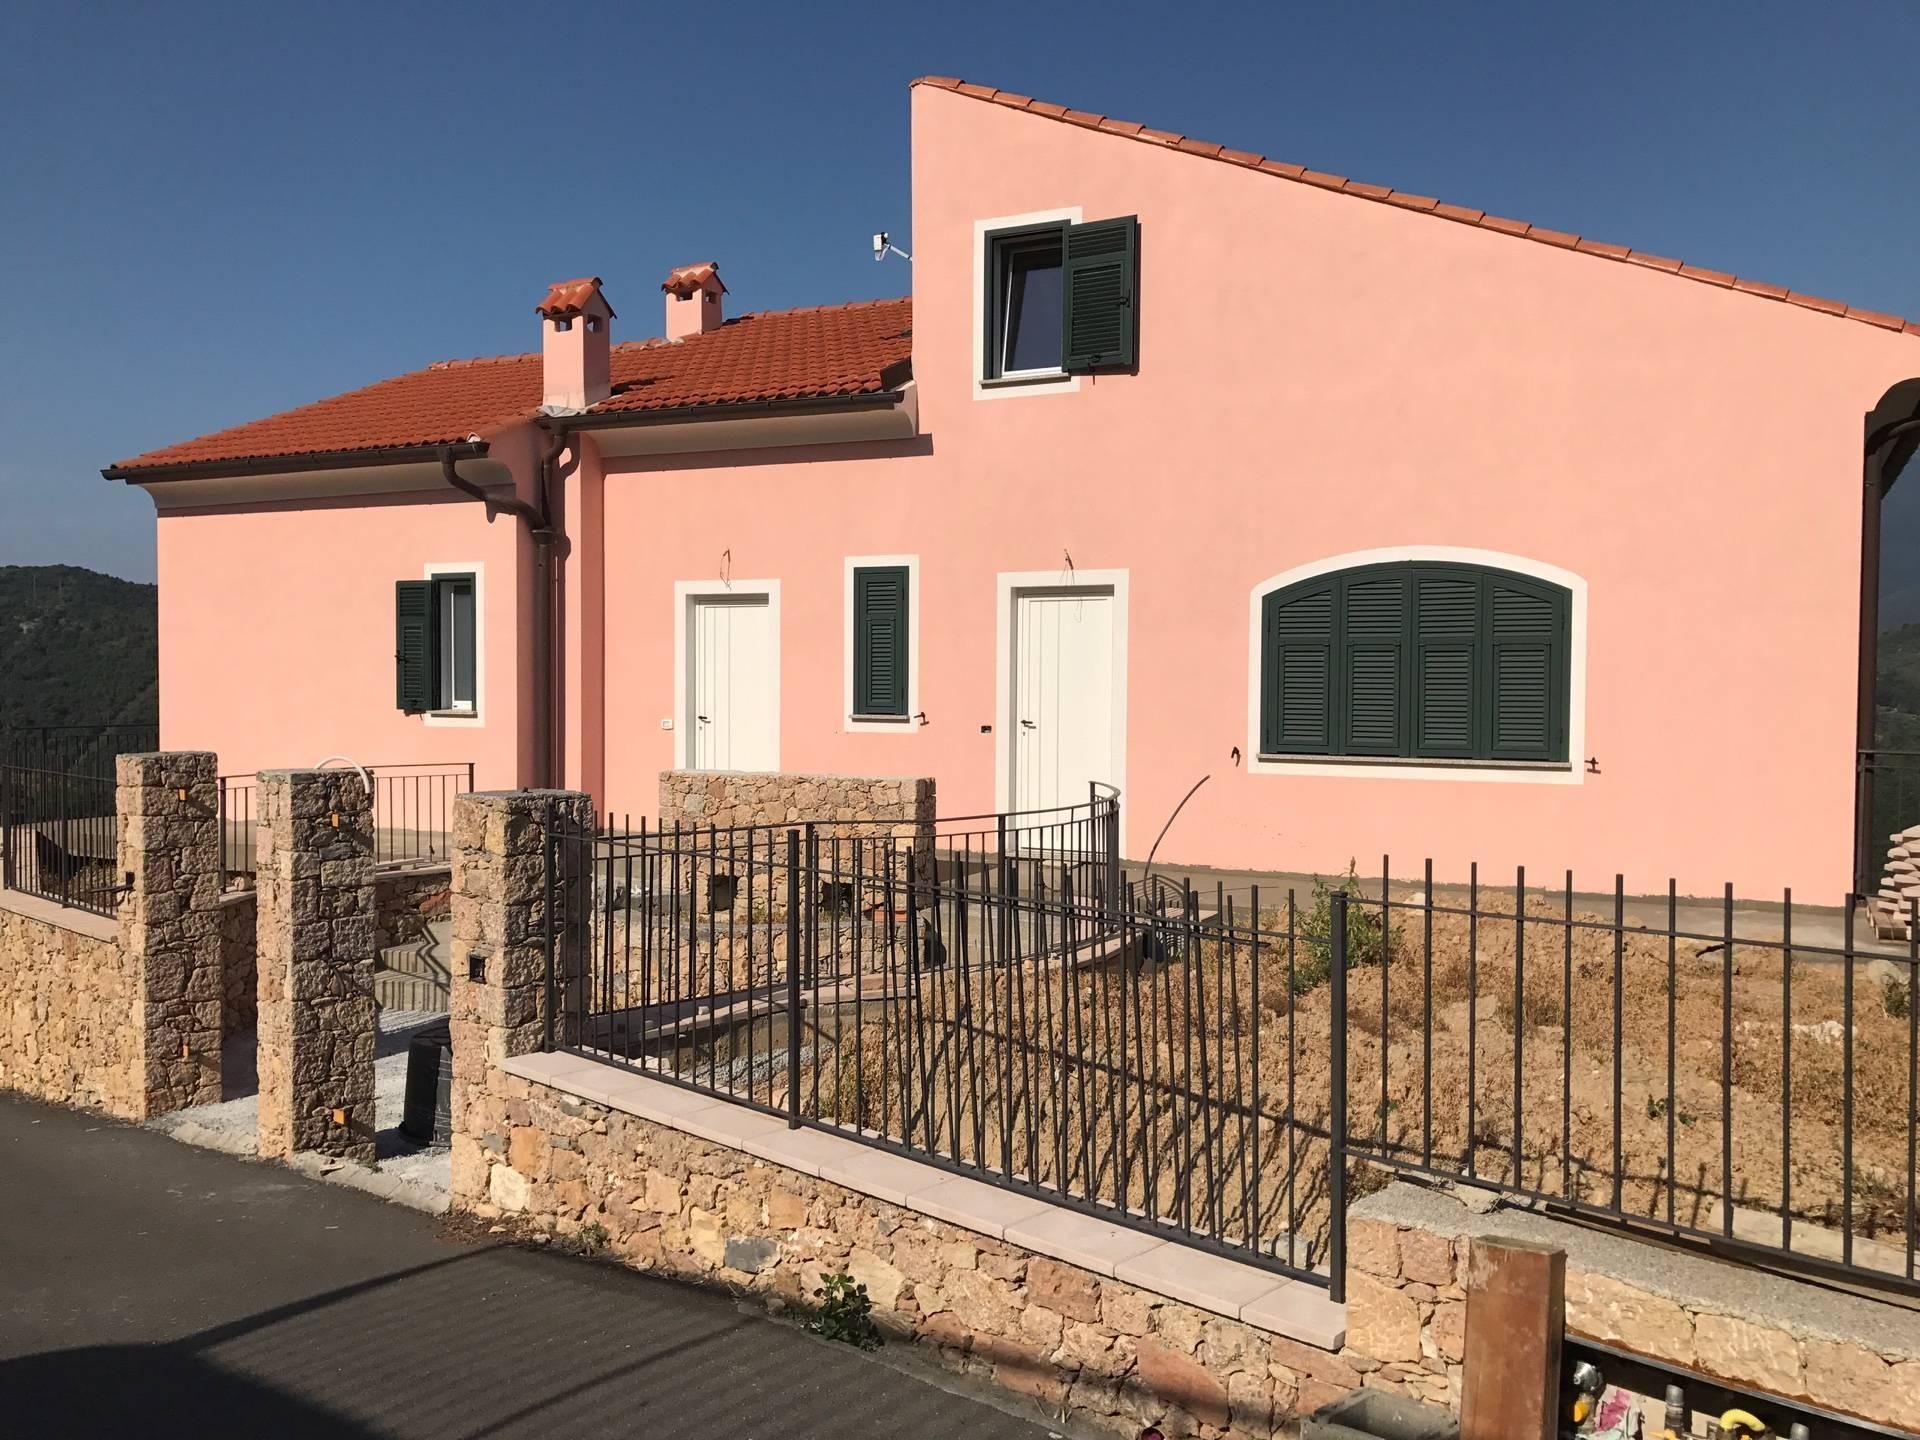 Appartamento in vendita a Finale Ligure, 3 locali, zona Zona: Finalborgo, prezzo € 280.000 | CambioCasa.it